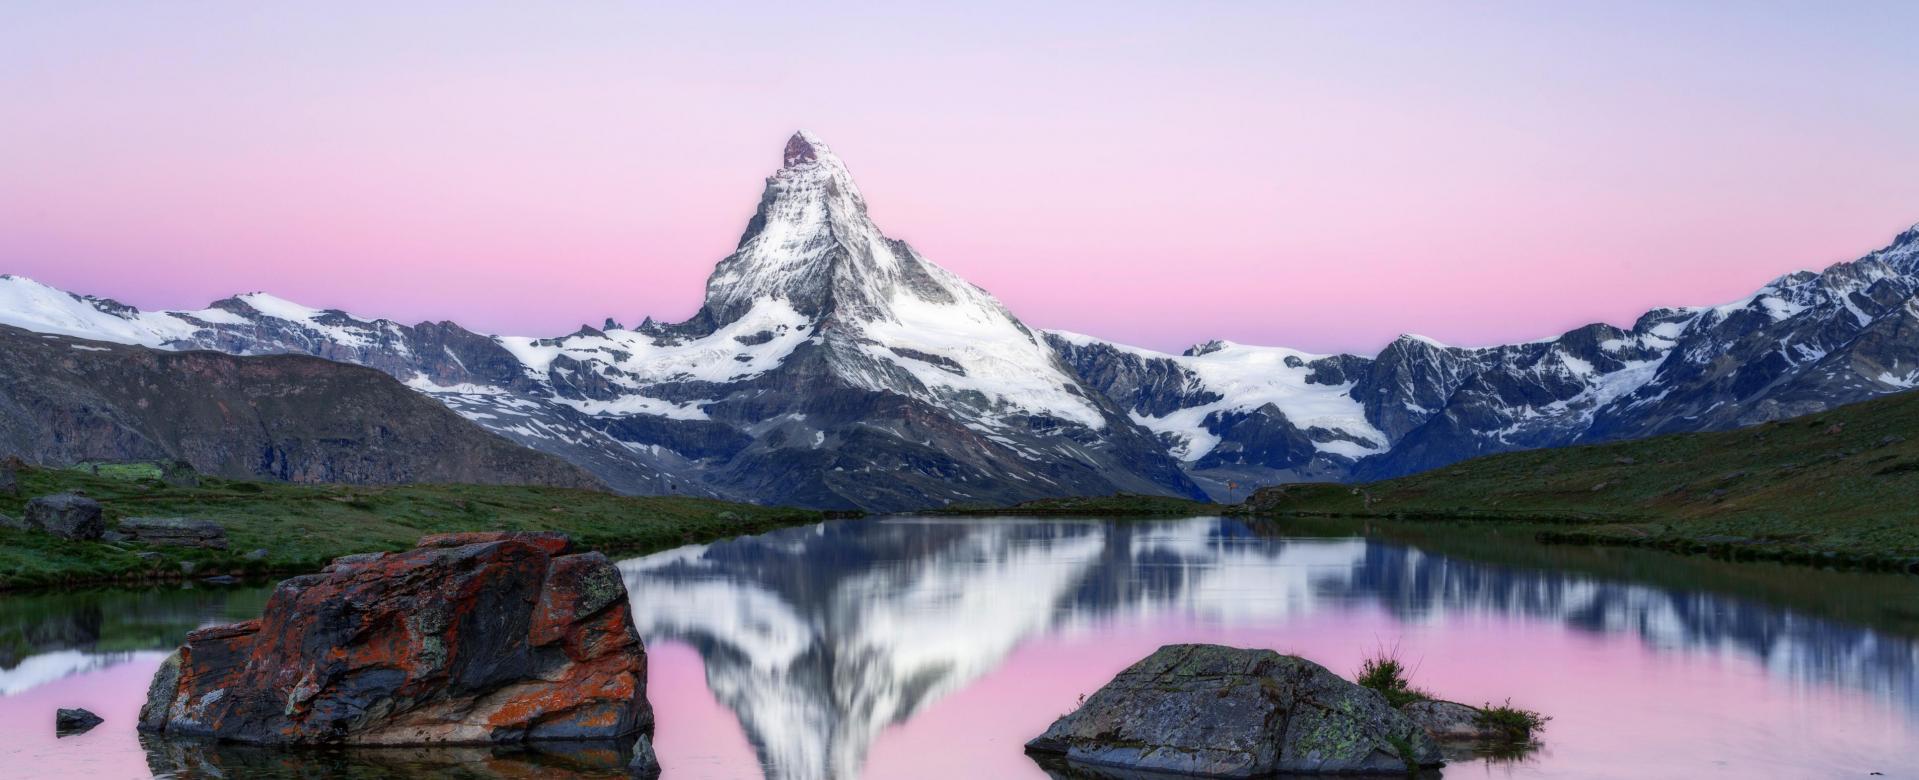 Voyage à pied : De chamonix à zermatt 6 jours